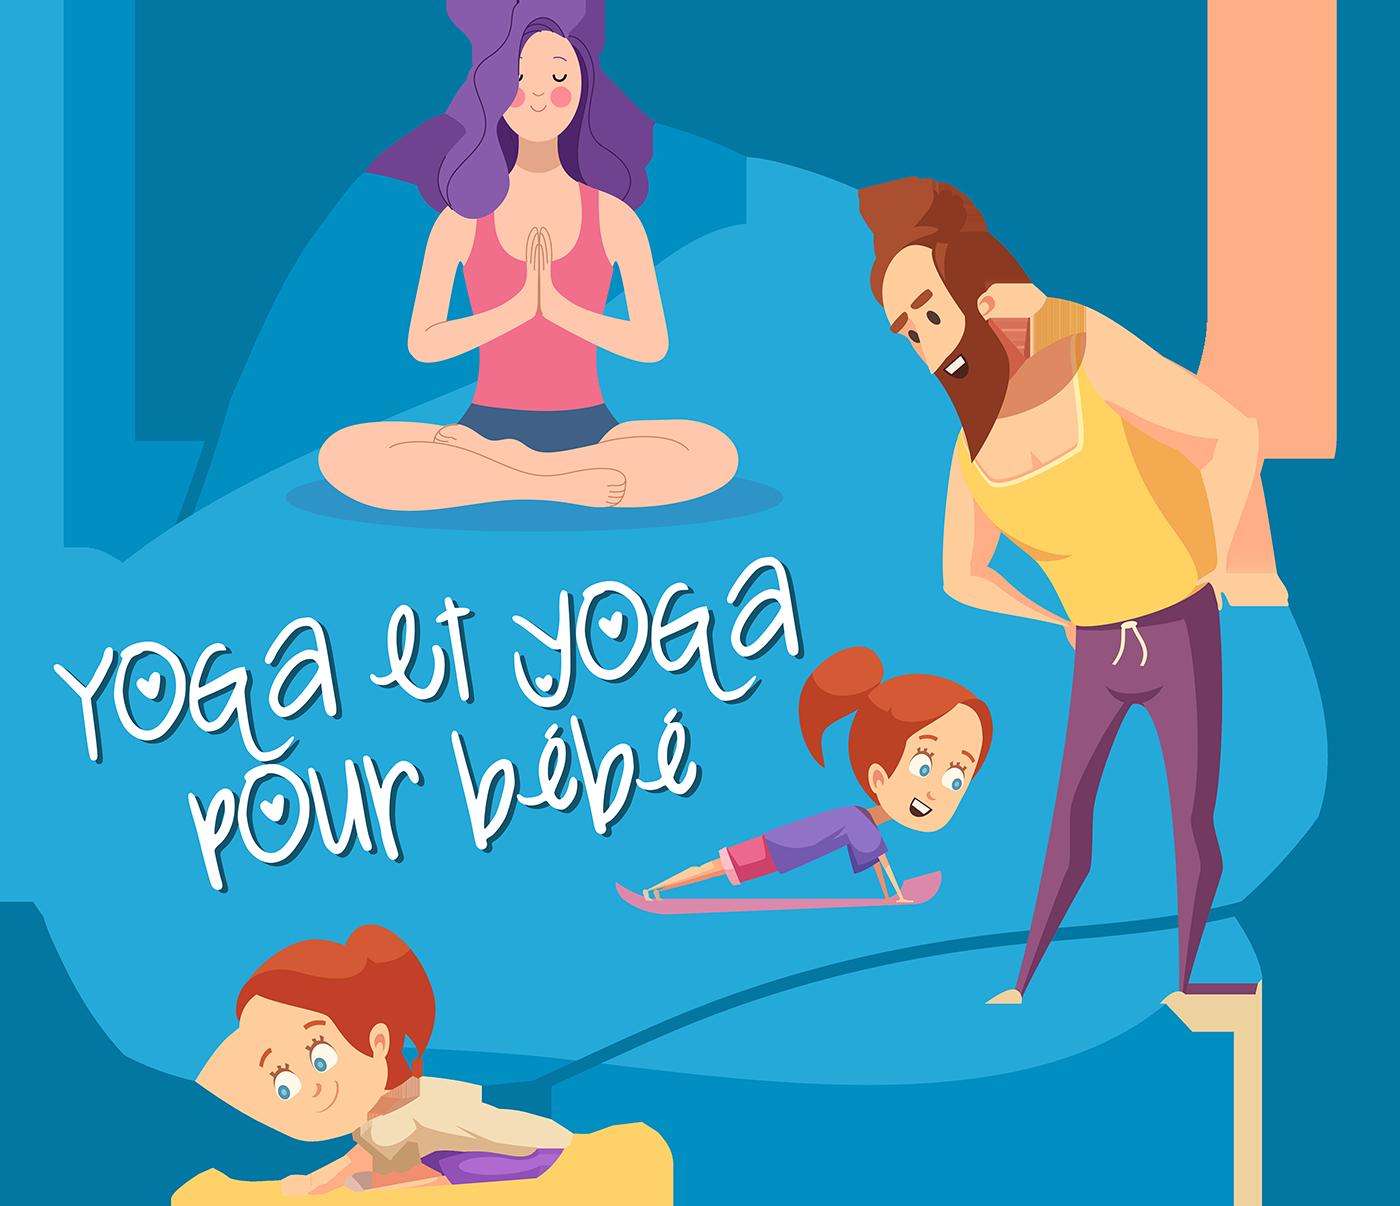 Yoga et yoga pour bébé